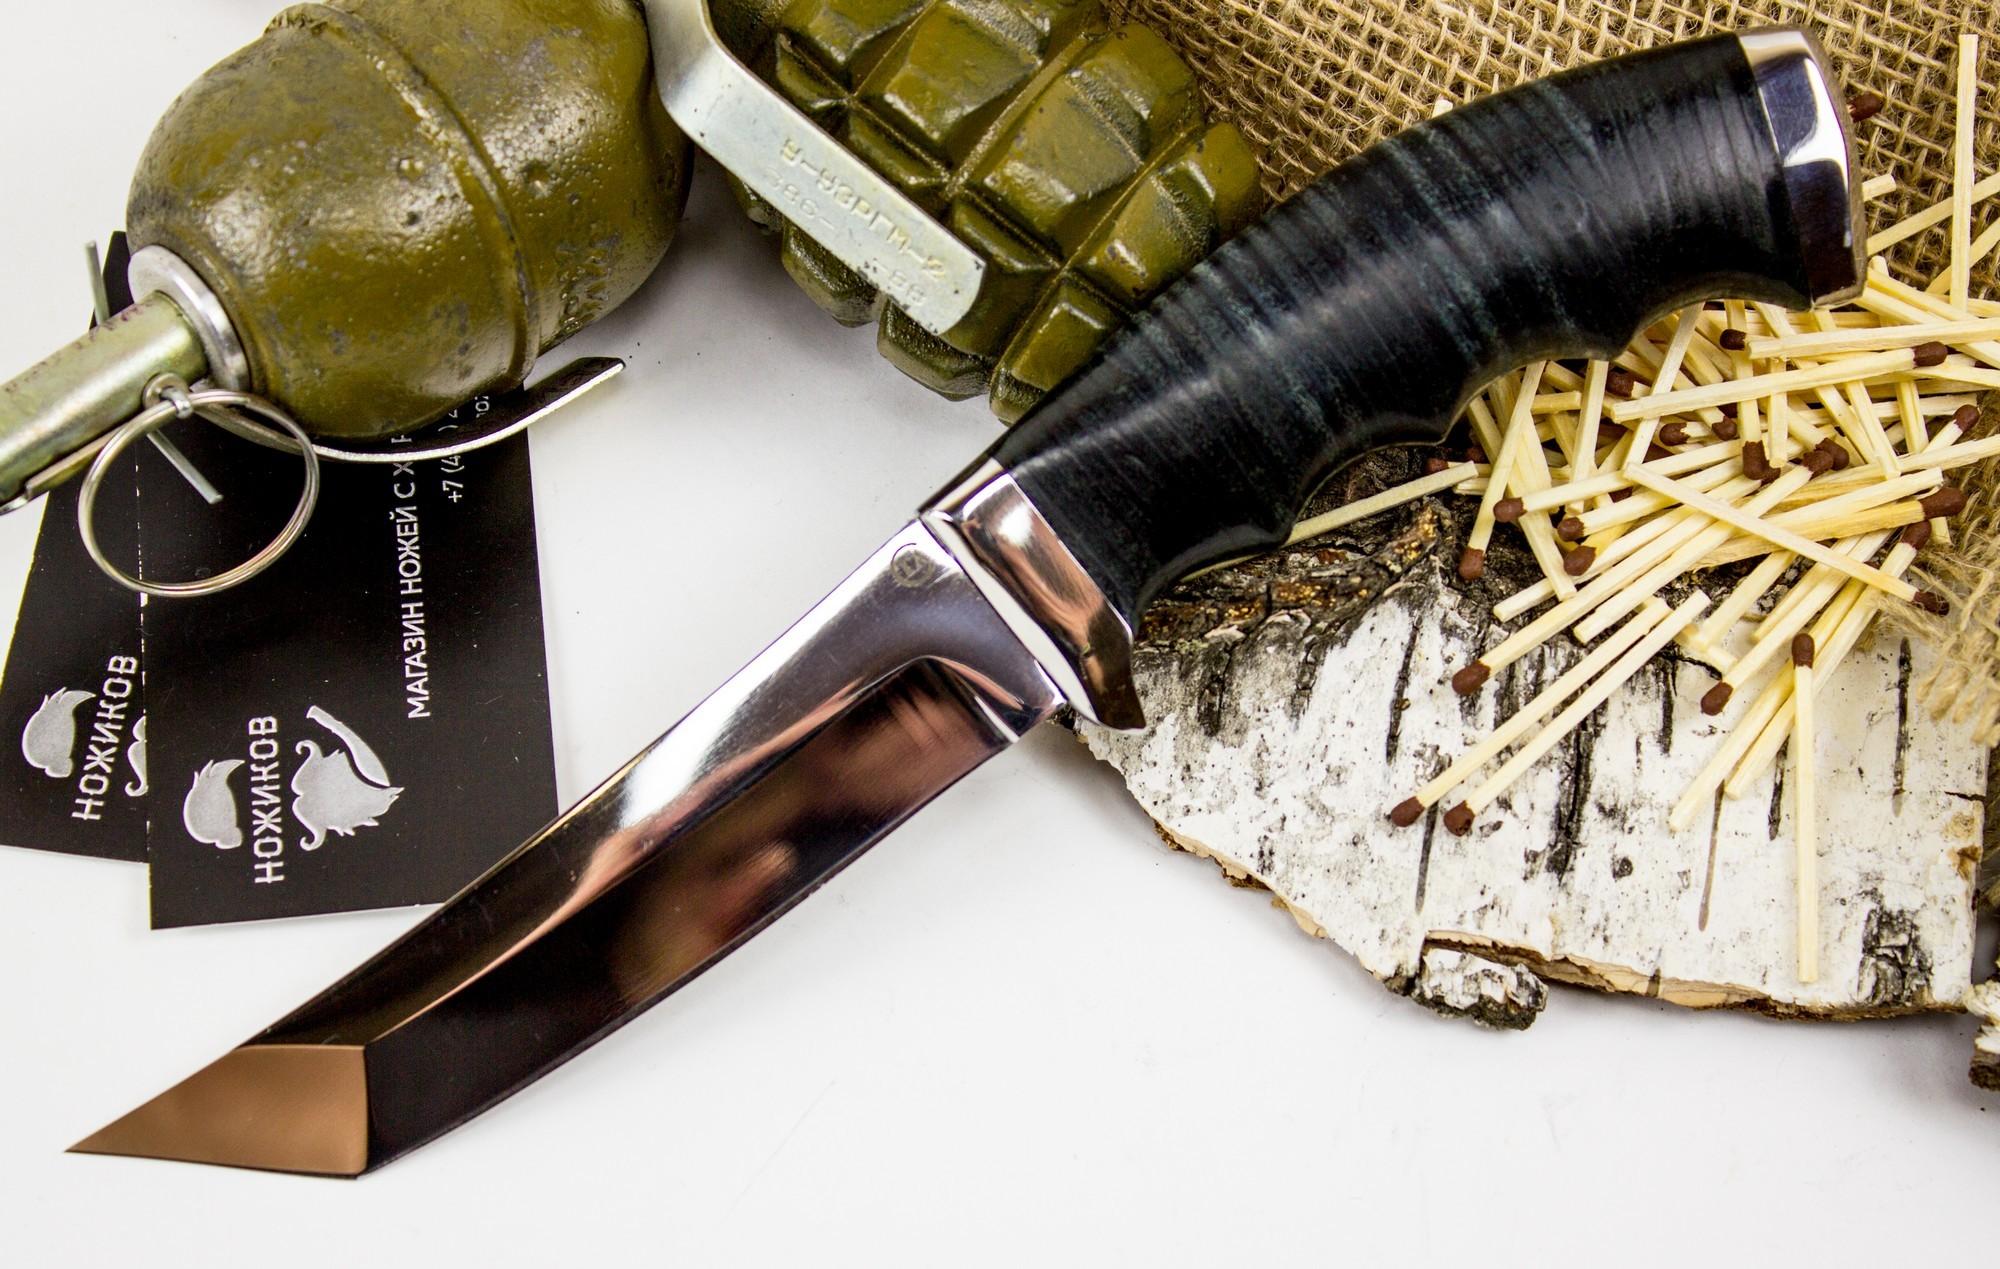 Нож Аркан, сталь 95х18, кожаНожи Ворсма<br>В очертаниях этого ножа видны напор и сила. Туристическийнож Аркан предназначен для использования в качестве основного полевого ножа. В этом ноже сочетаются клинок-танто и выгнутая рукоять восточного типа. Таким ножом удобно выполнять сильные колющие и рубящие удары. Для повышения безопасности работ, рукоять ножа оснащена подпальцевыми выемками и упором-ограничителем. Благодаря сквозному хвостовику, нож обладает высоким запасом прочности. Нож производит эффектное впечатление на любого, кто берет его в руки.<br>